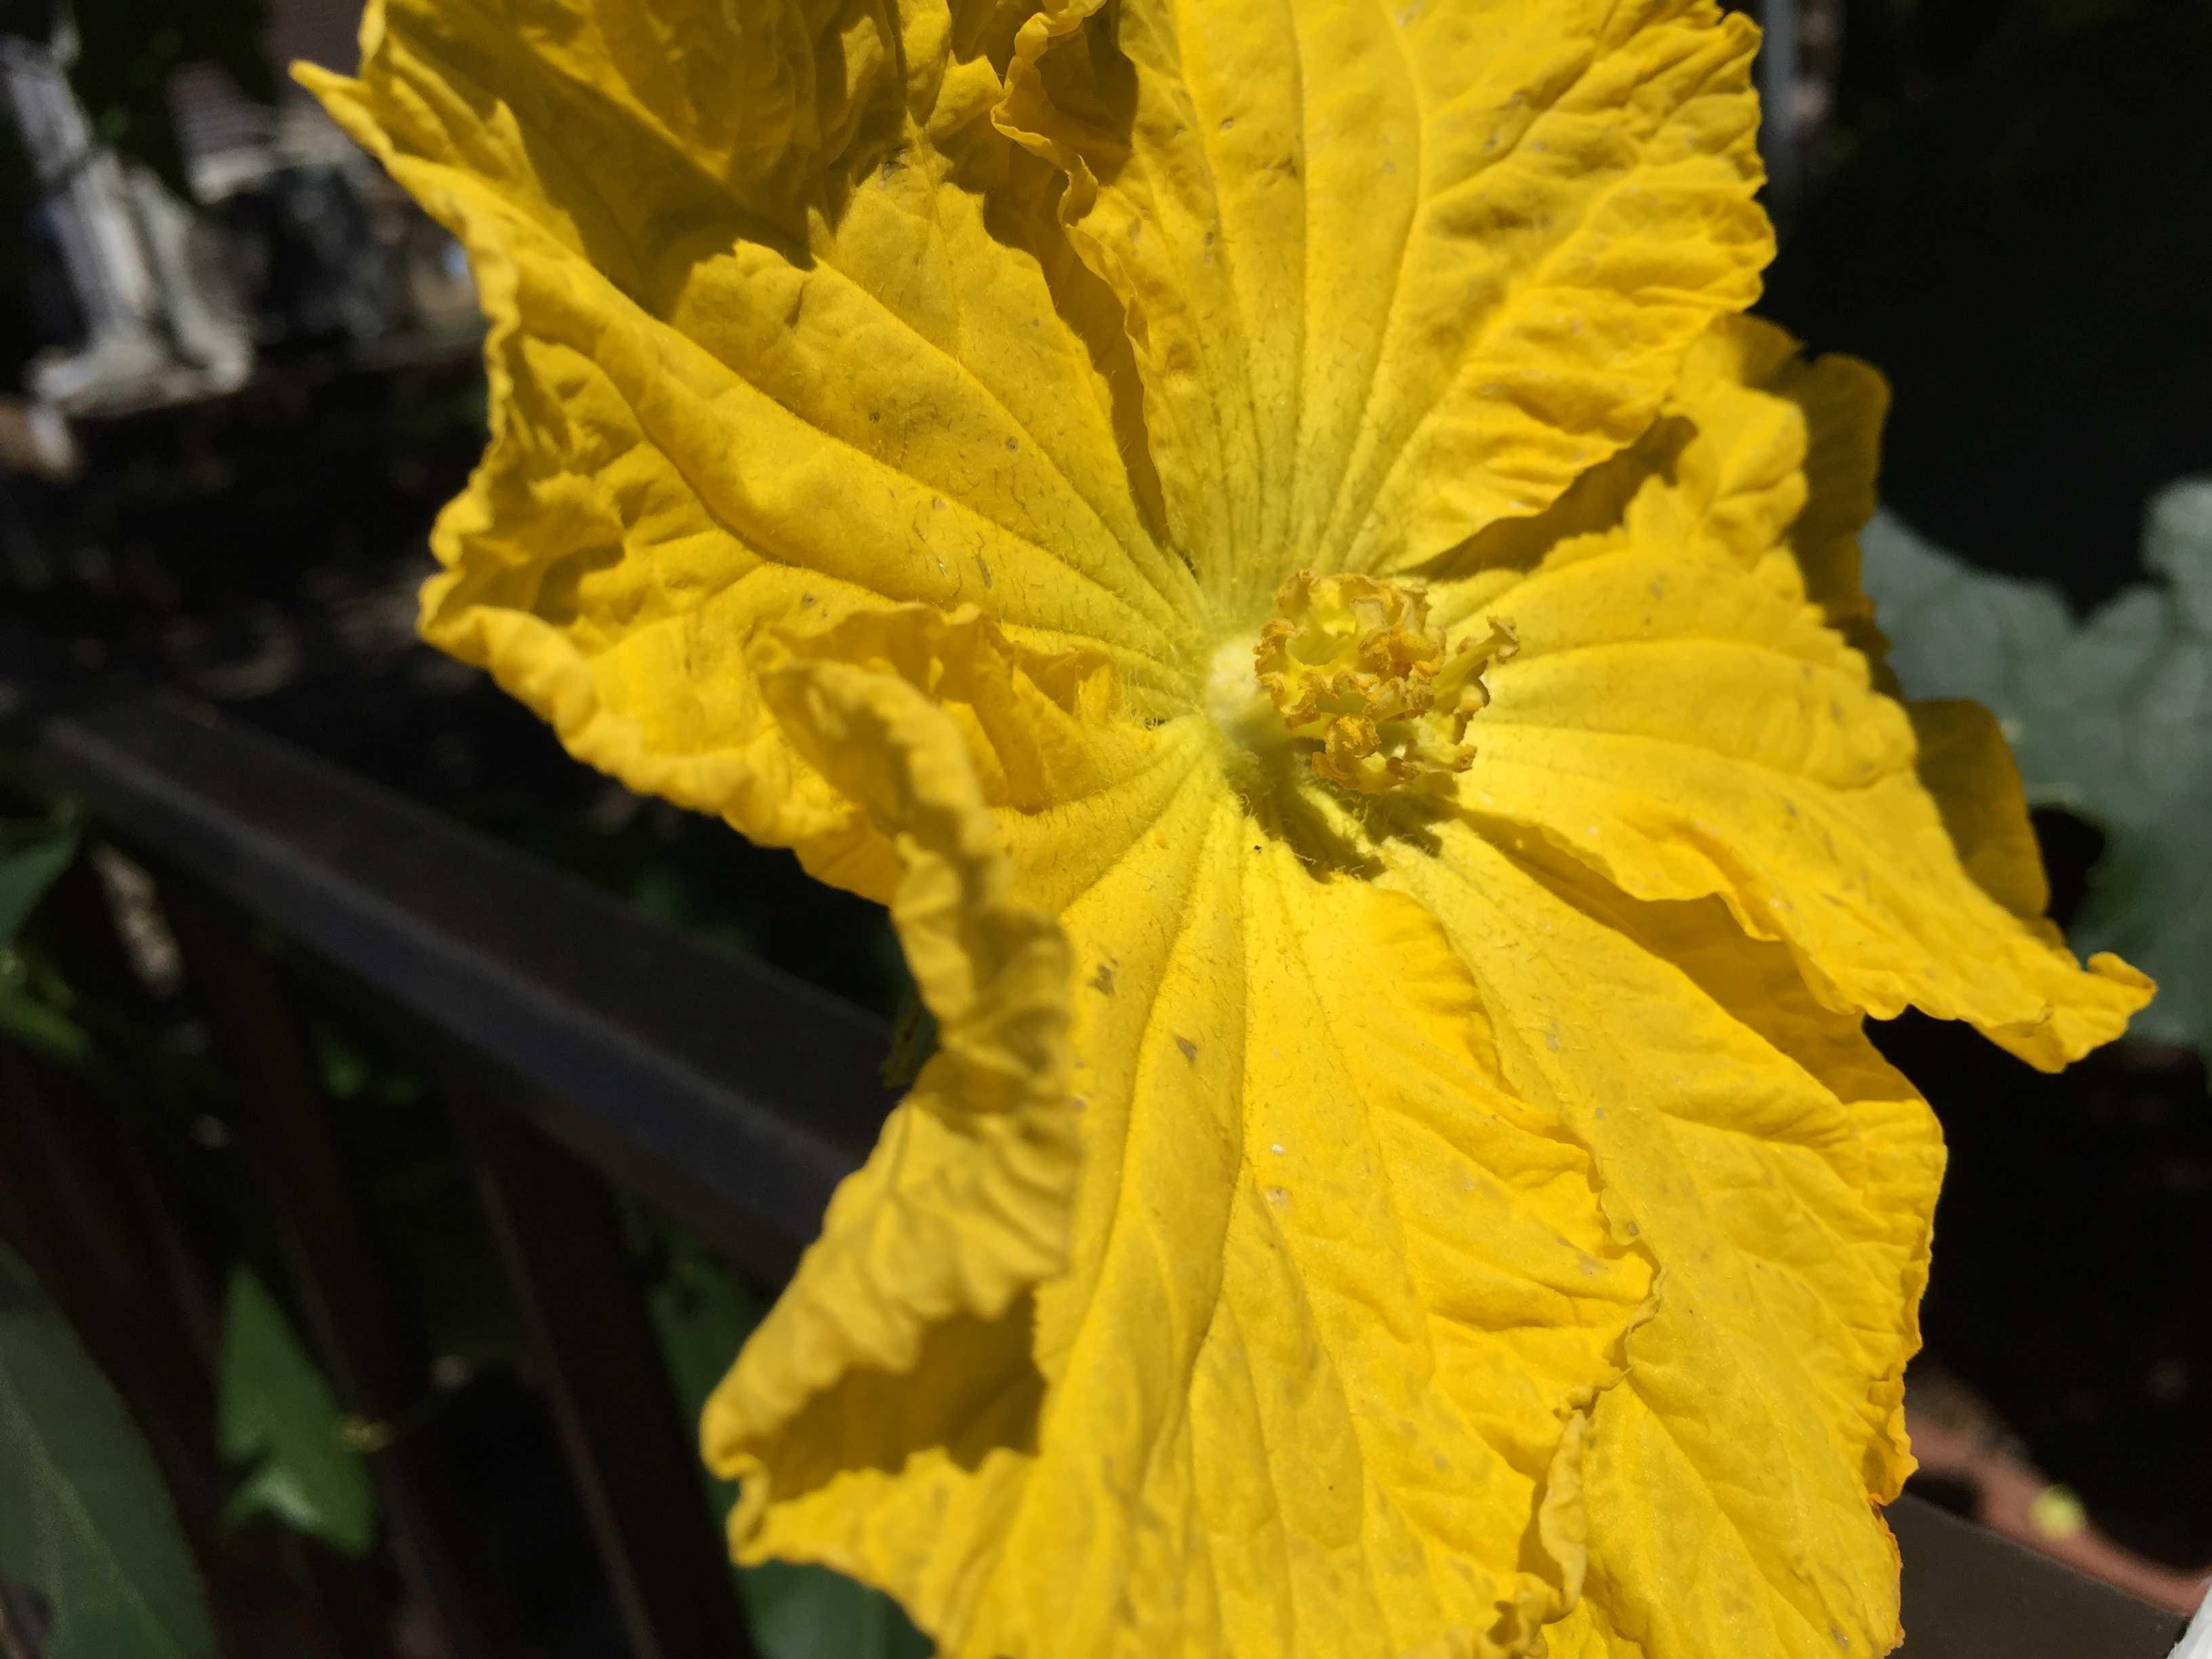 ヘチマの花のイエロー